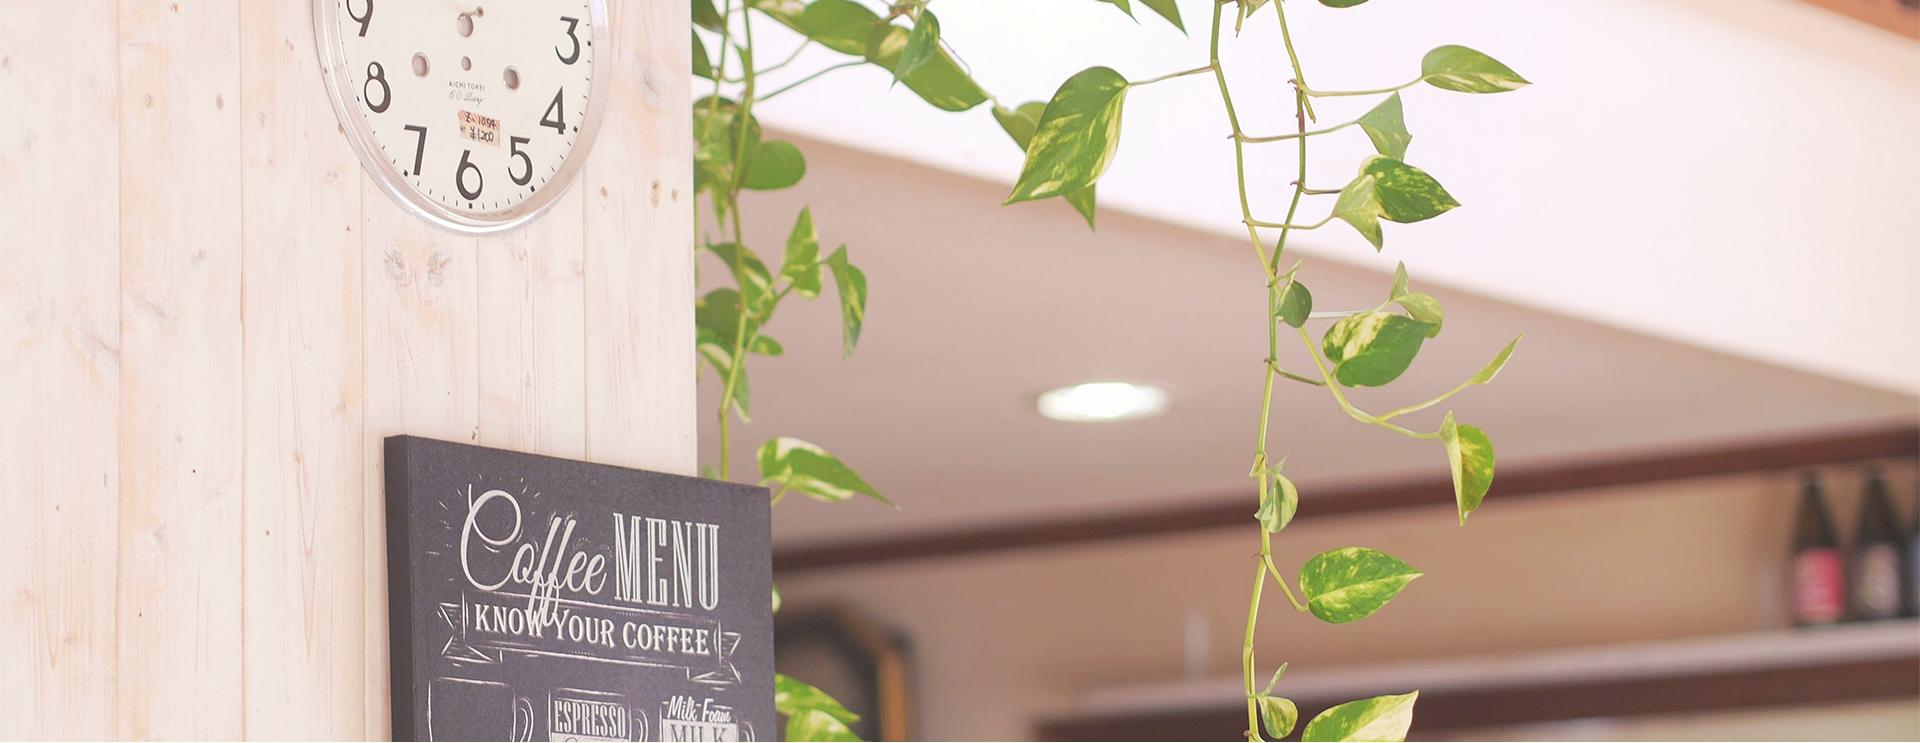 ハンズプレイス・カフェ